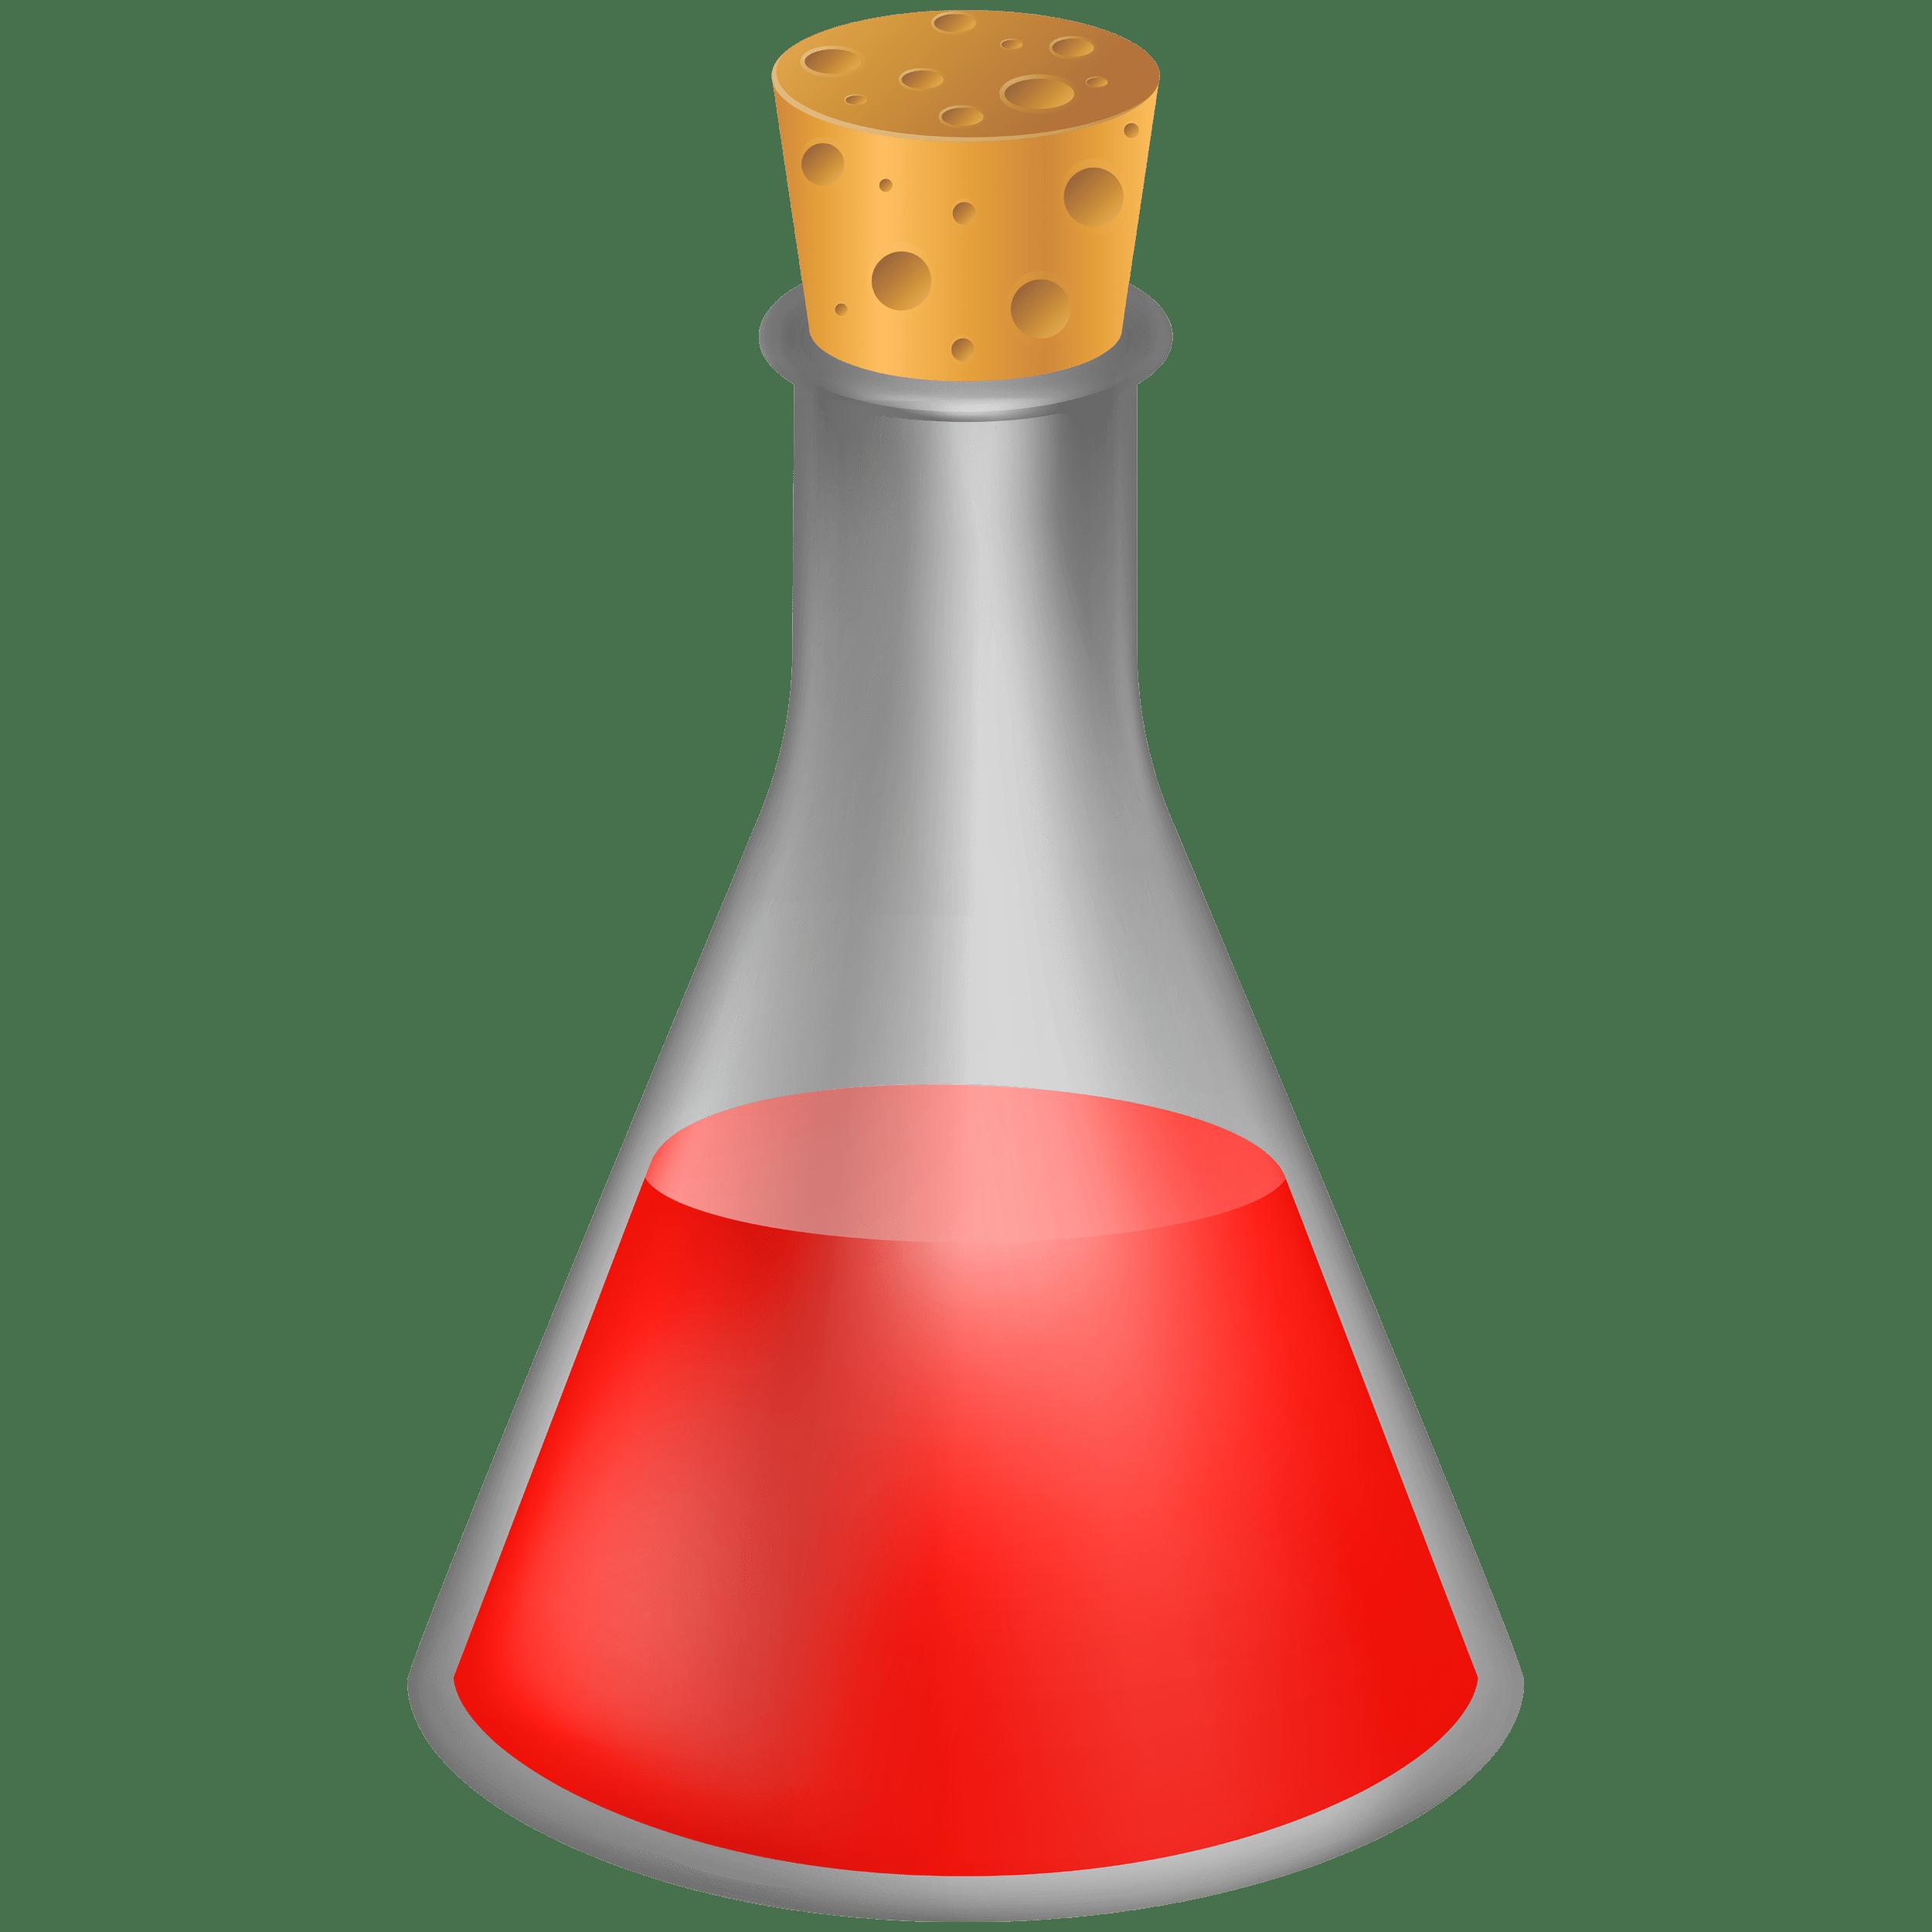 Poison Potion Transparent Image